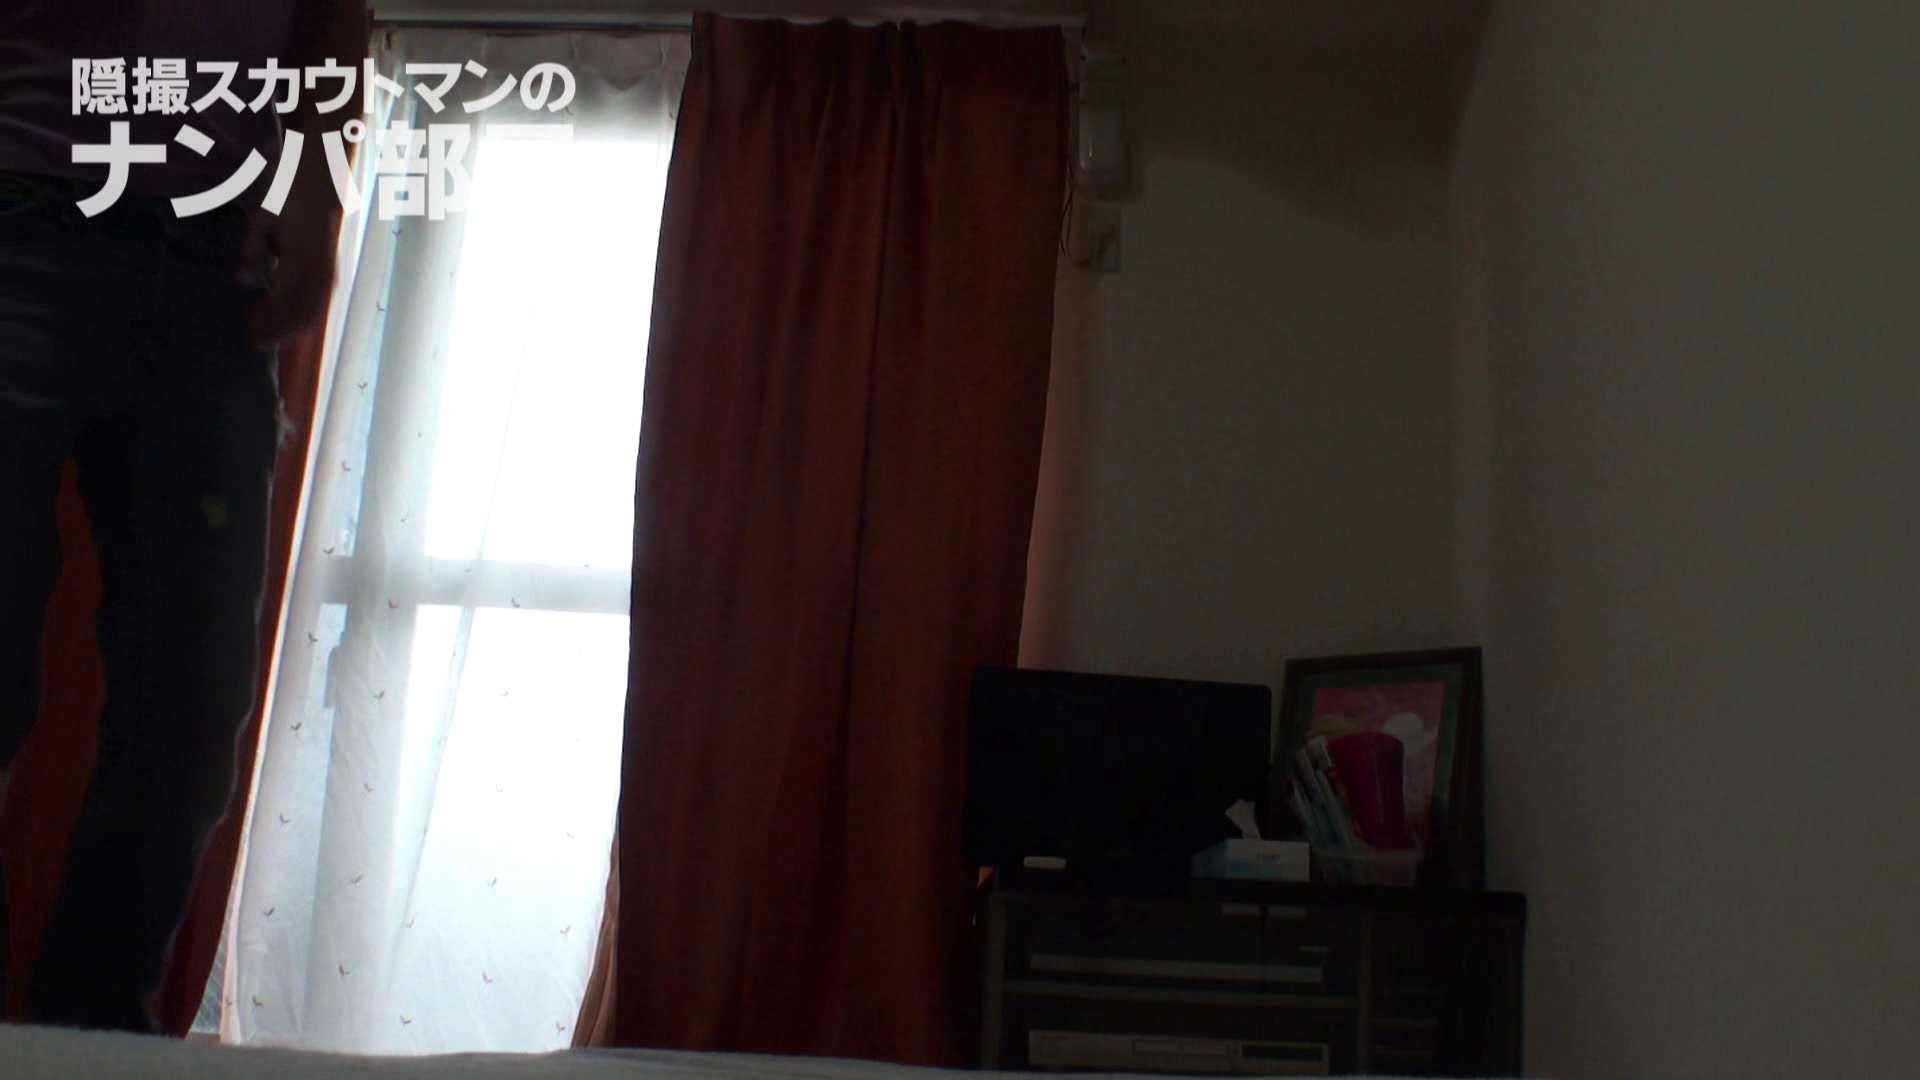 隠撮スカウトマンのナンパ部屋~風俗デビュー前のつまみ食い~ siivol.3 エッチなOL  74pic 12